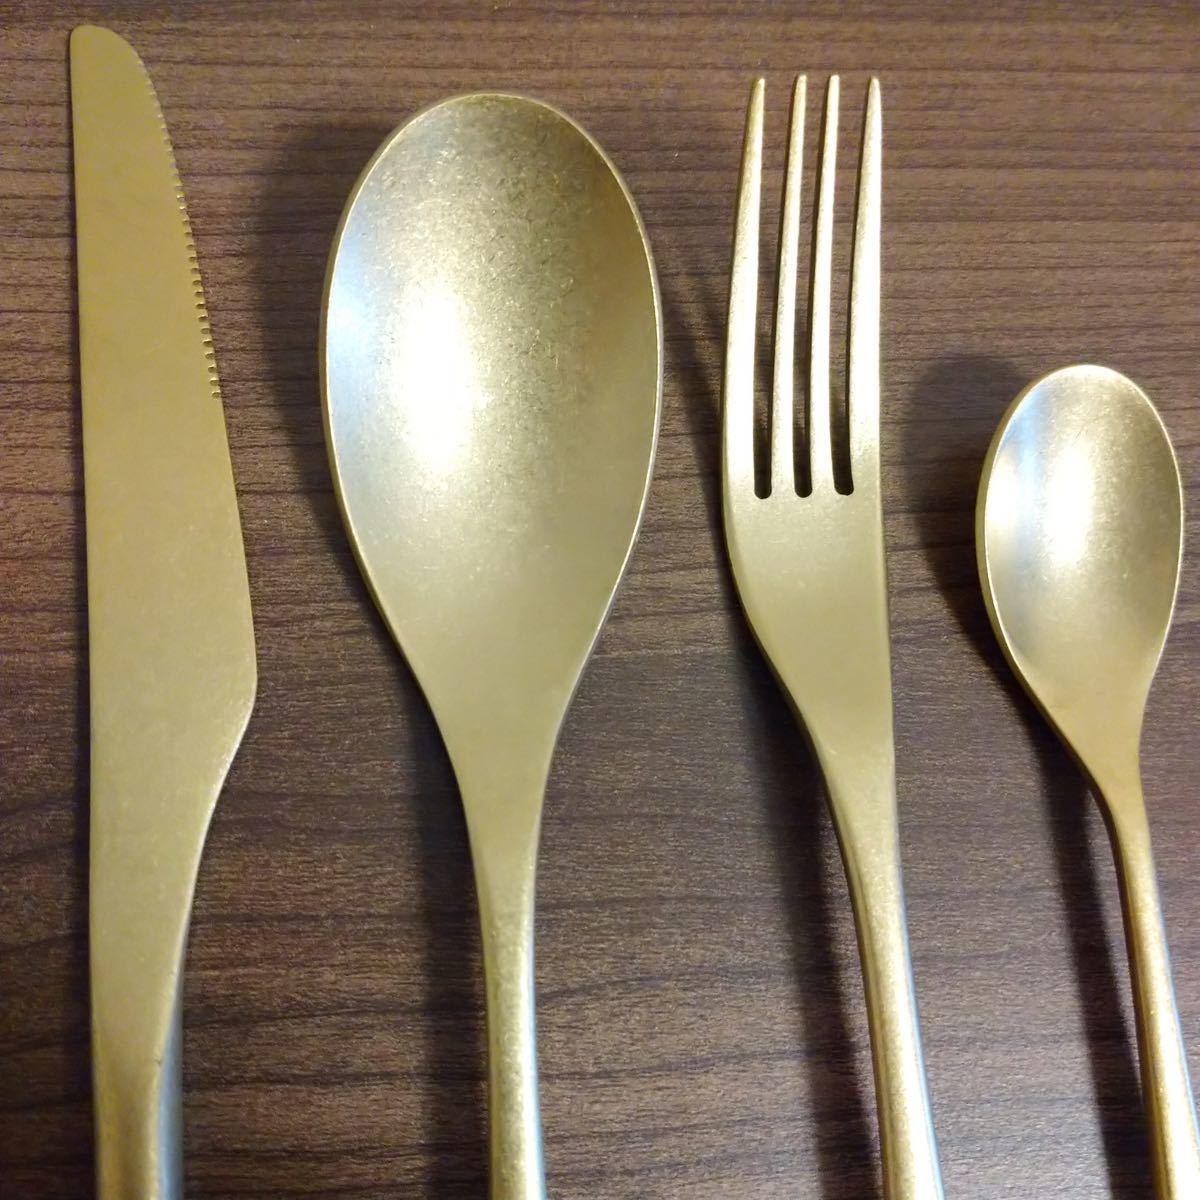 表面キラキラ】ゴールド カトラリーセット 4本 フォーク ナイフ スプーン 大きめ ディナー用 重厚感 スタイリッシュ